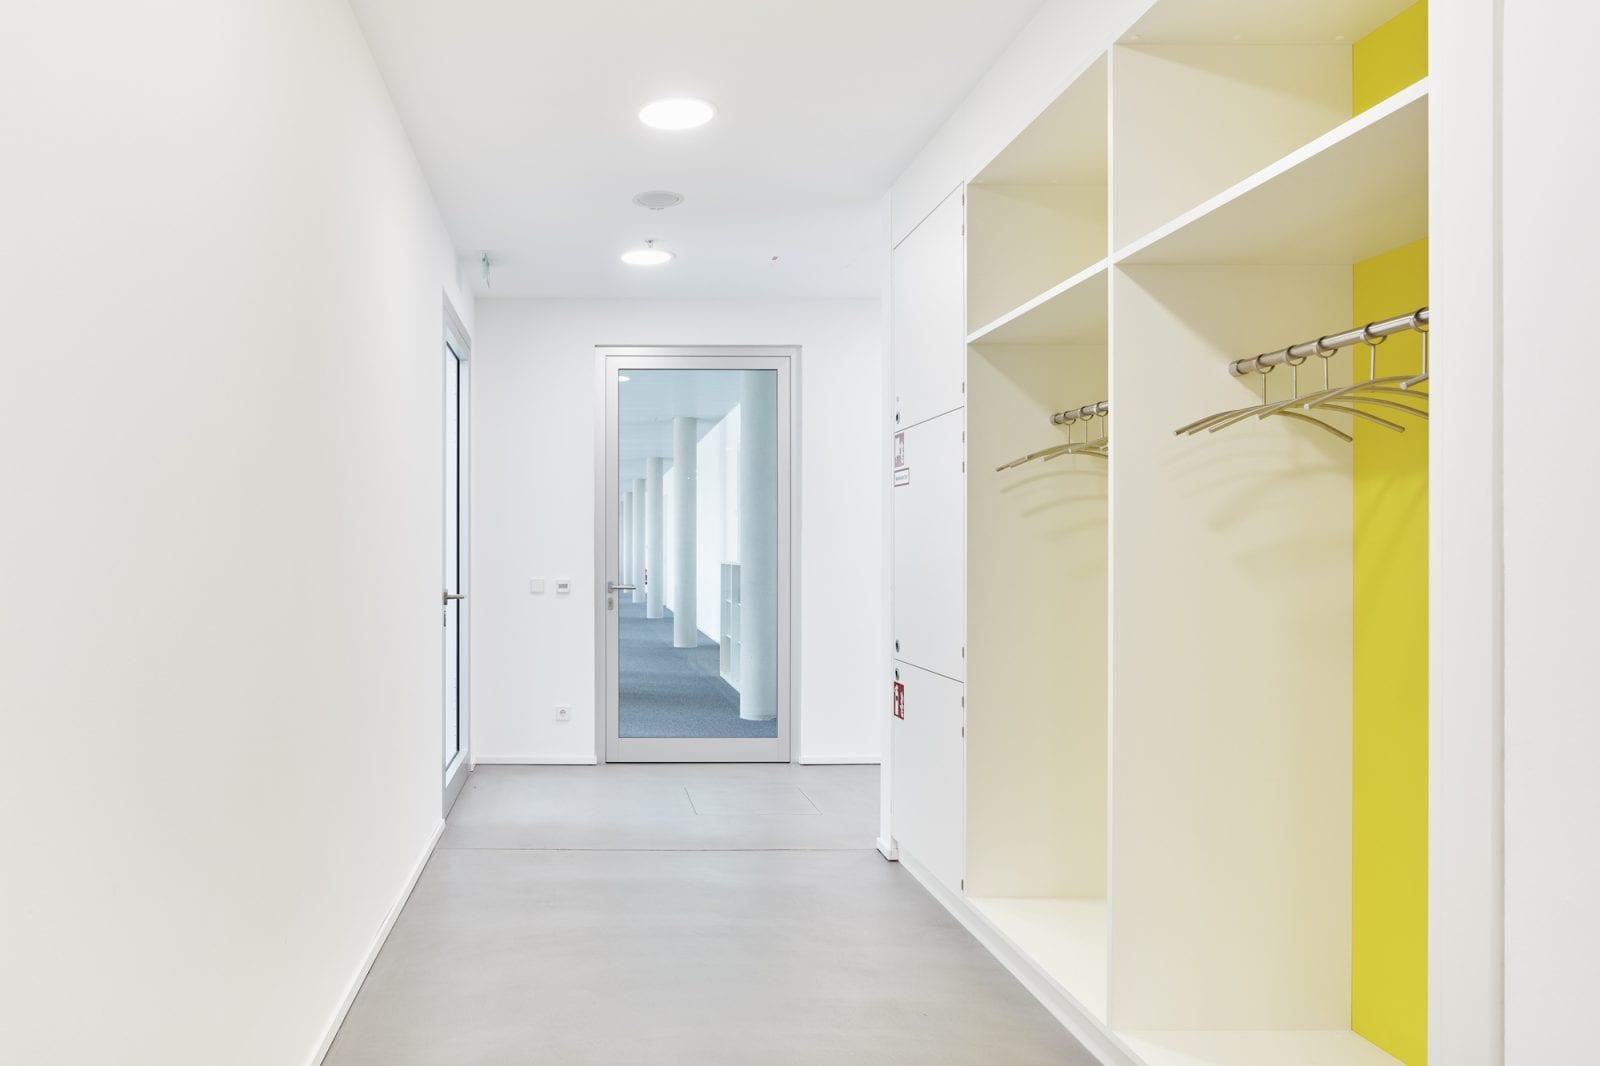 Garderobe in einer Büroetage (Foto: Dietmar Strauss)